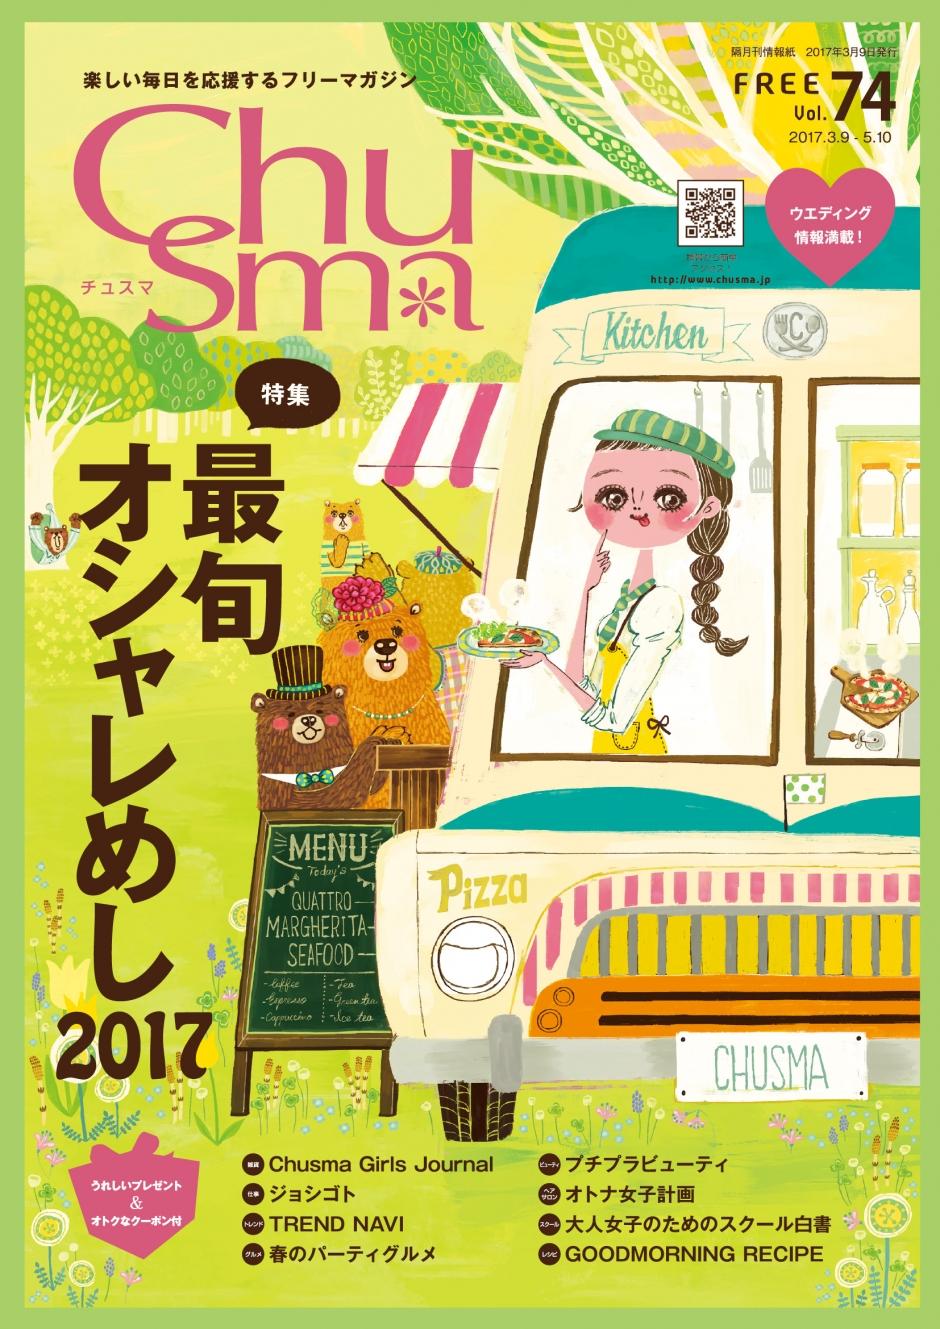 Chusma(チュスマ)Vol.74に掲載されました!